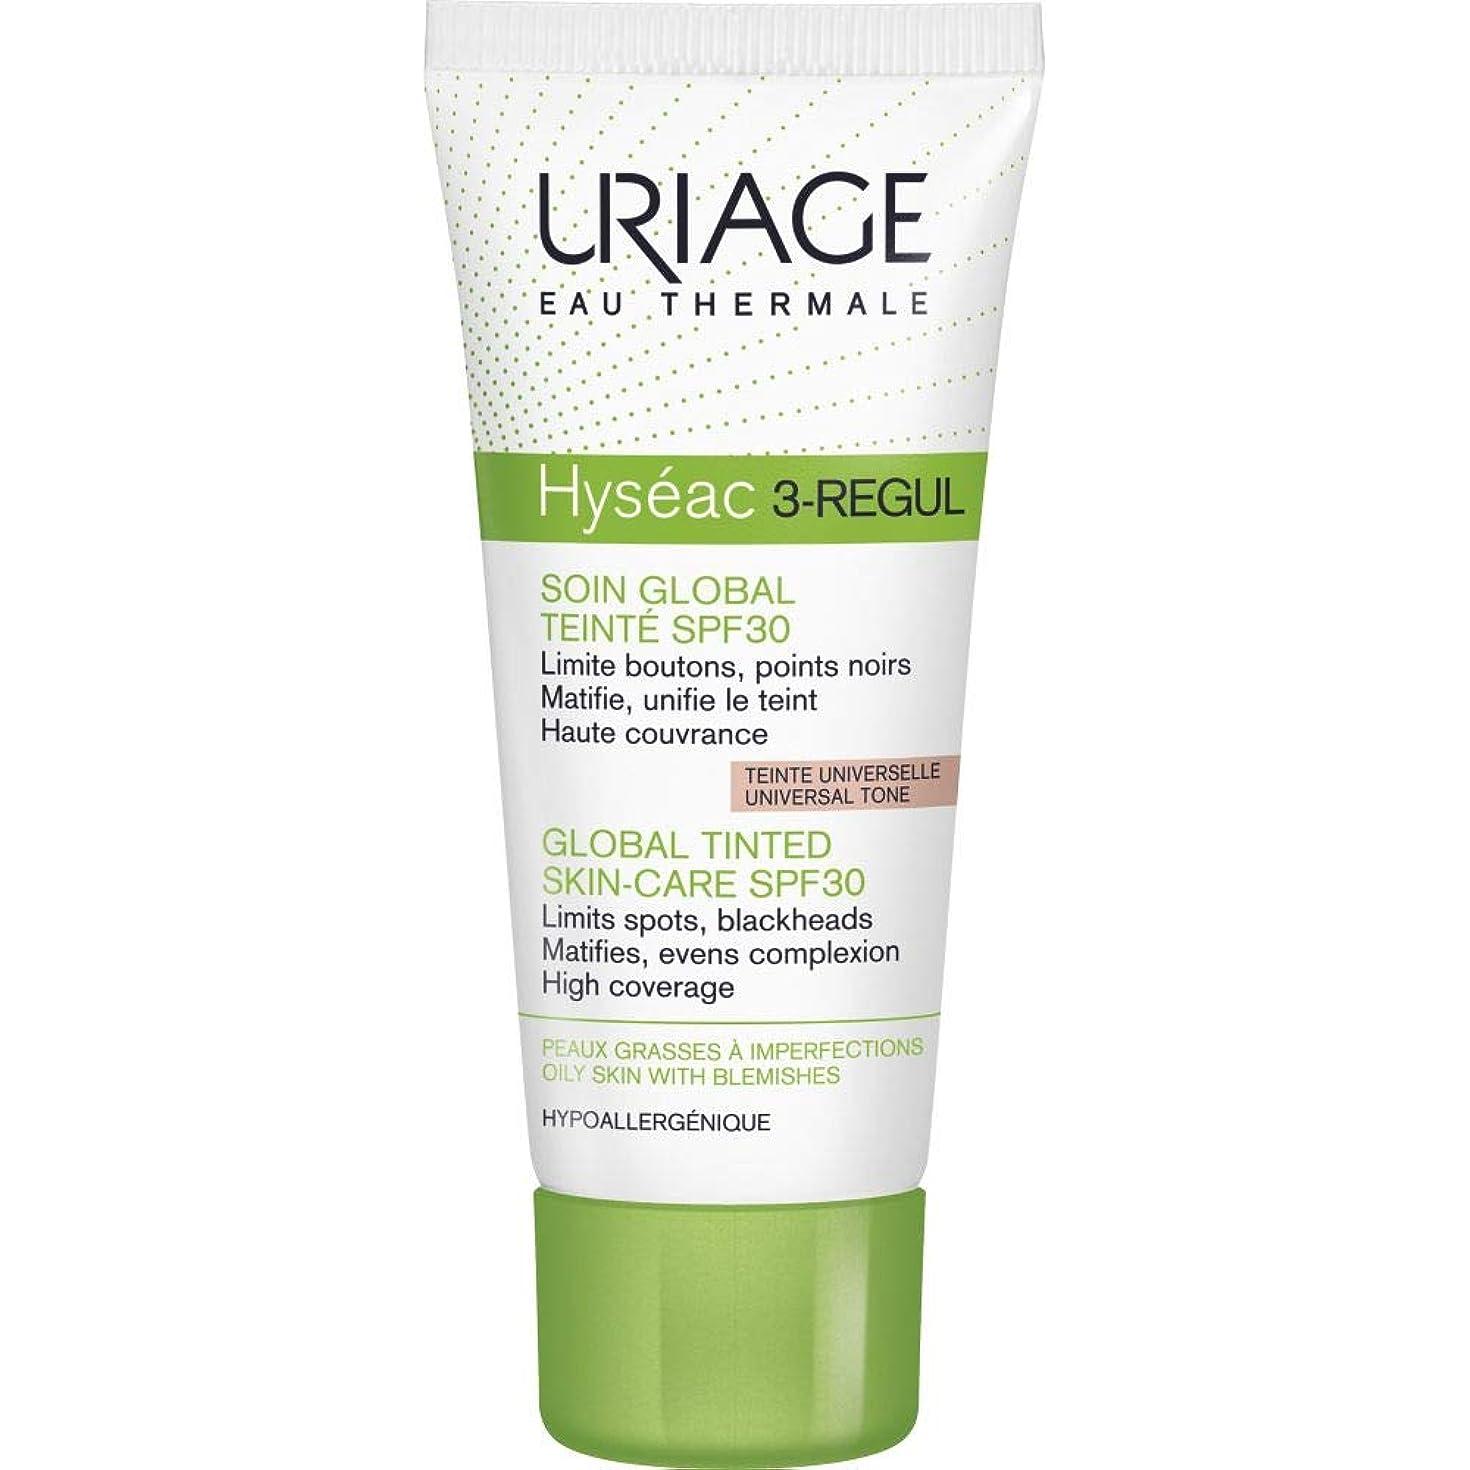 スポーツの試合を担当している人ダイジェスト愛撫Uriage Hyseac 3-regul Global Tinted Care Spf30 40ml [並行輸入品]